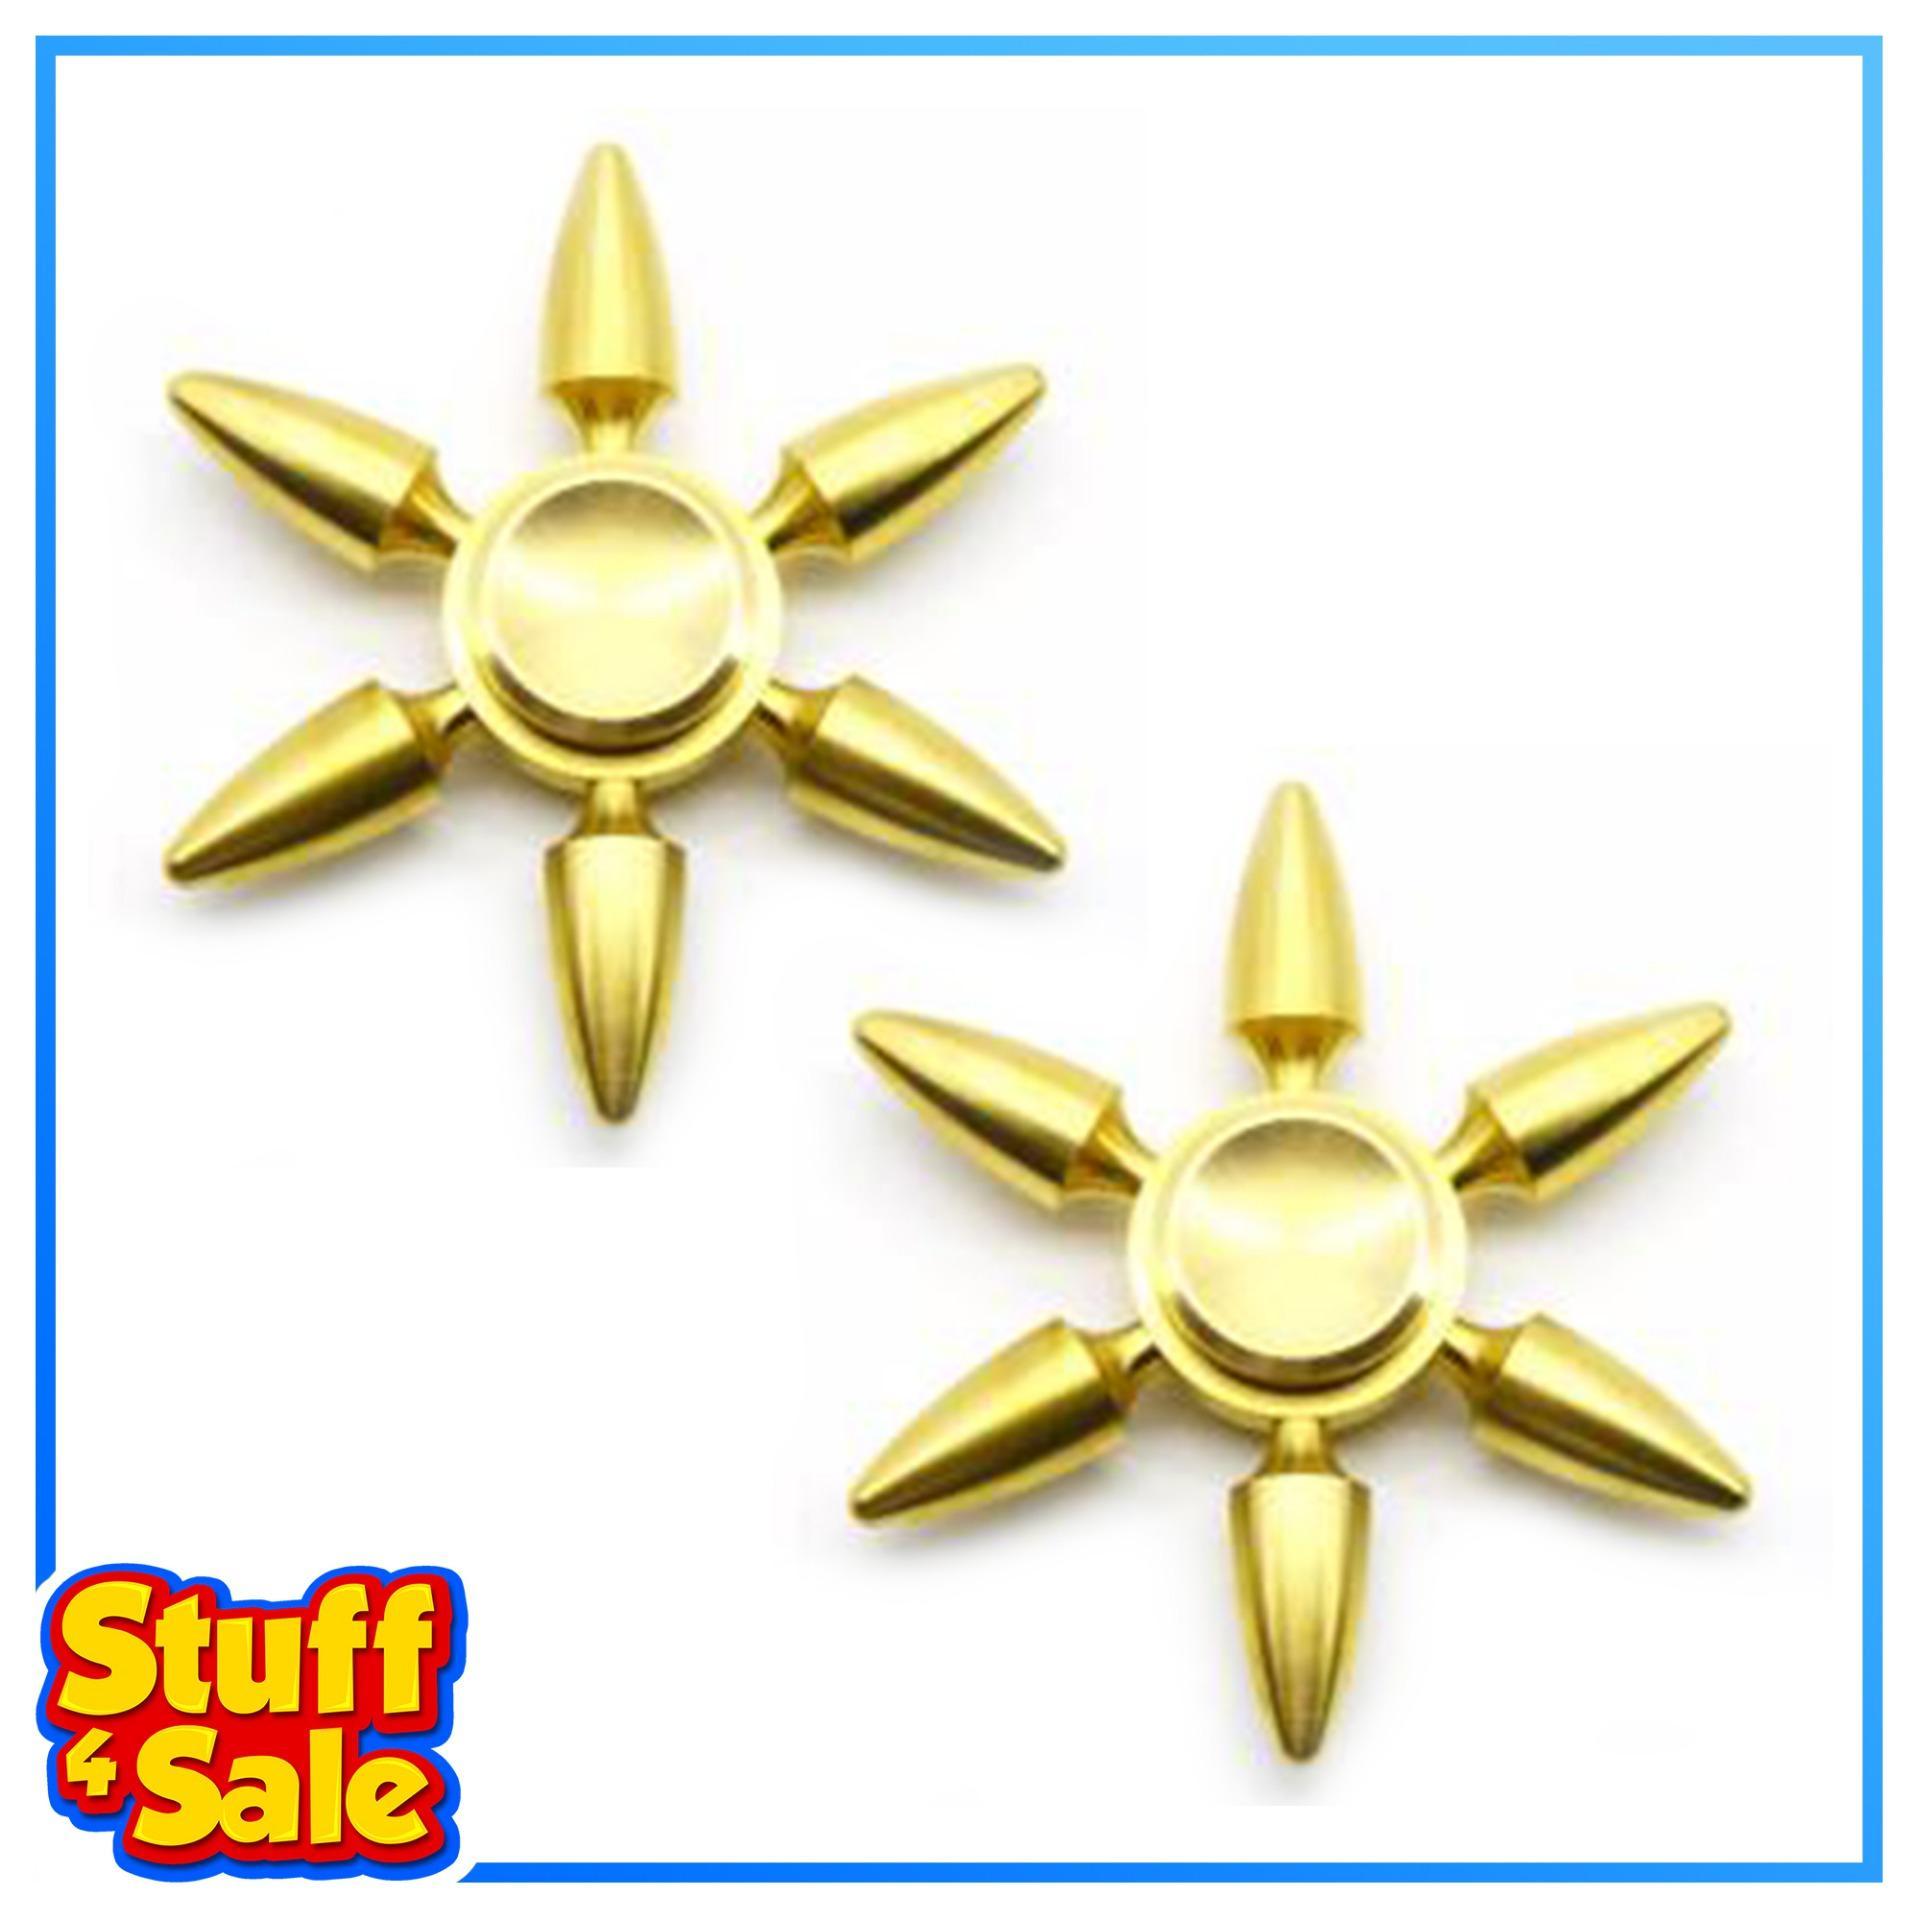 Solid Brass Copper Metal Fidget Spinner - Bullet Set Of 2 By Stuff 4 Sale.